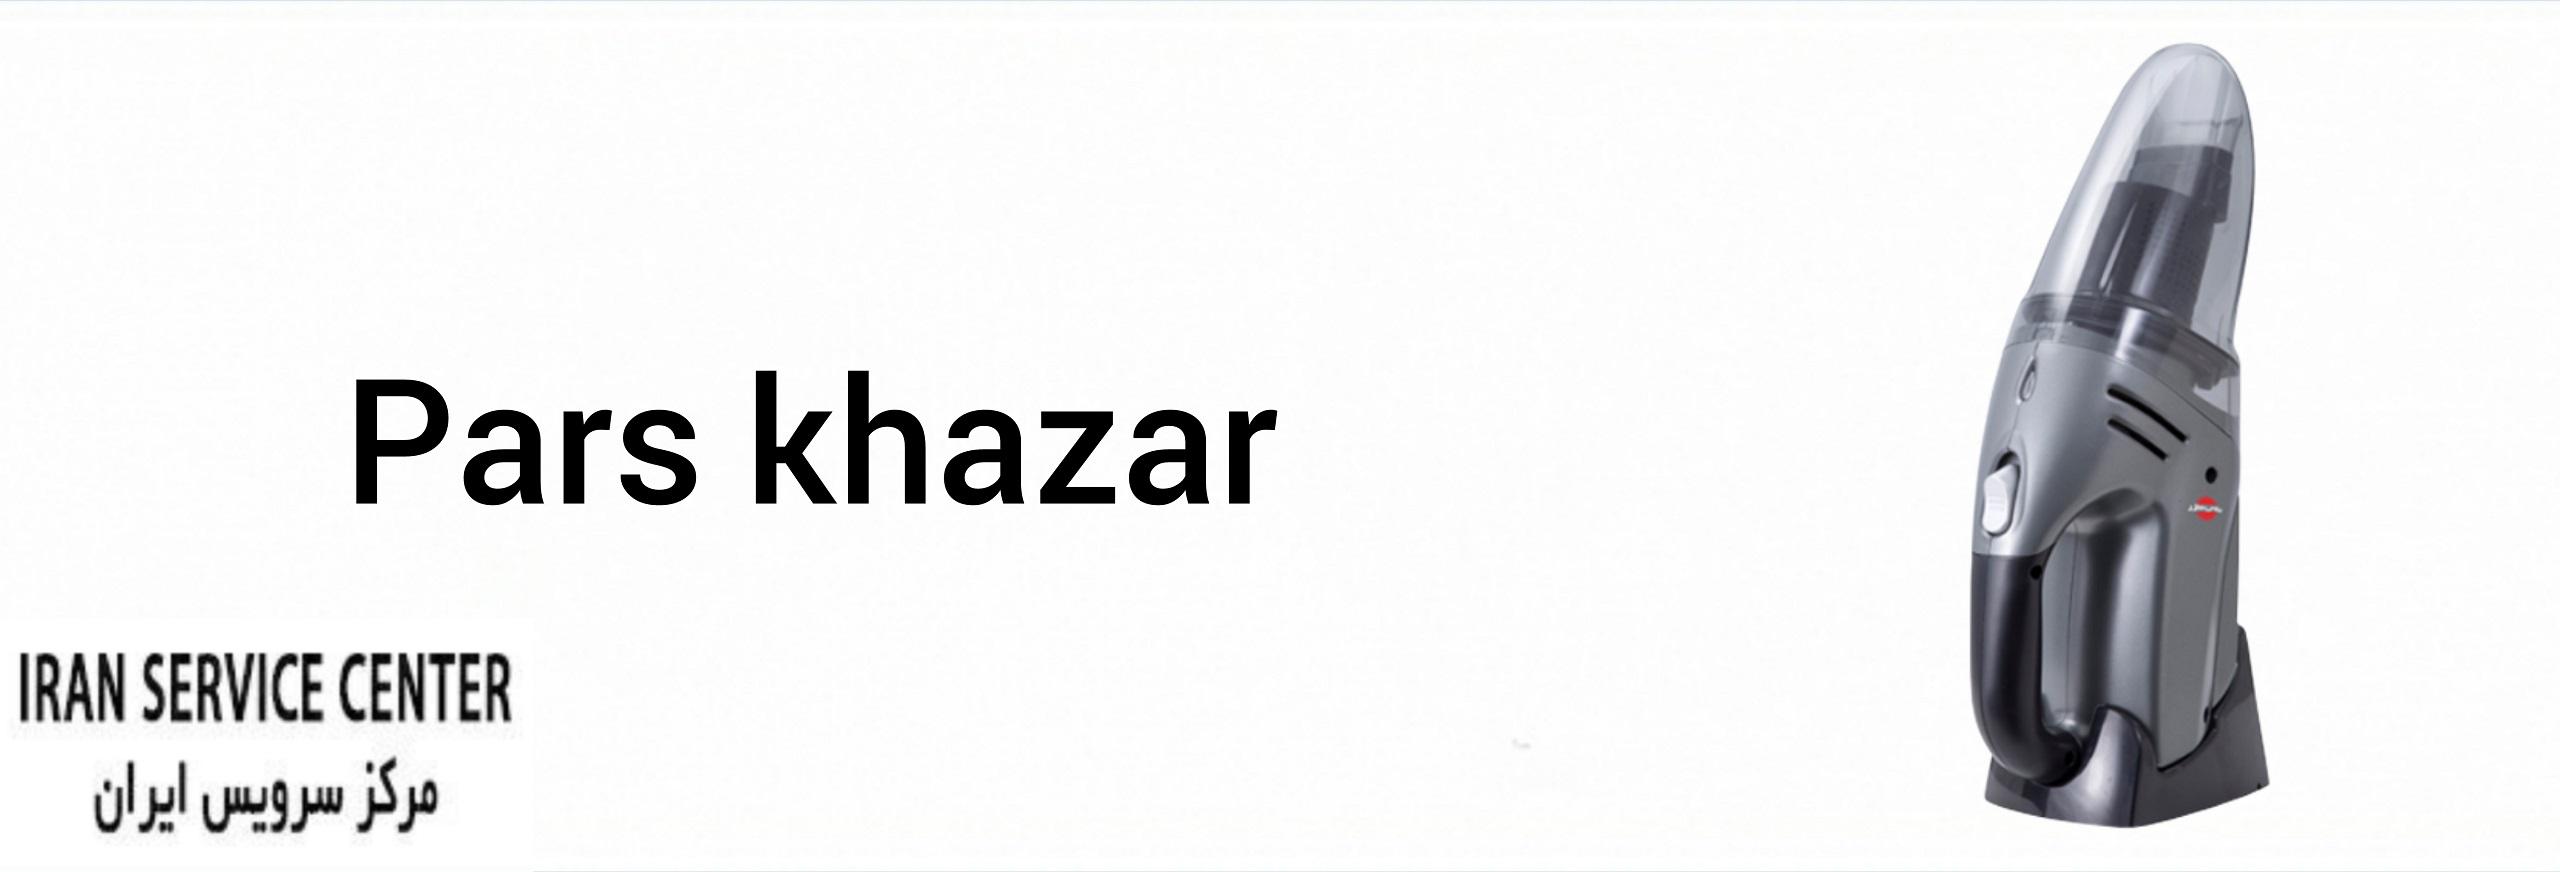 نمایندگی تعمیرات جارو شارژی پارس خزر (pars khazar)